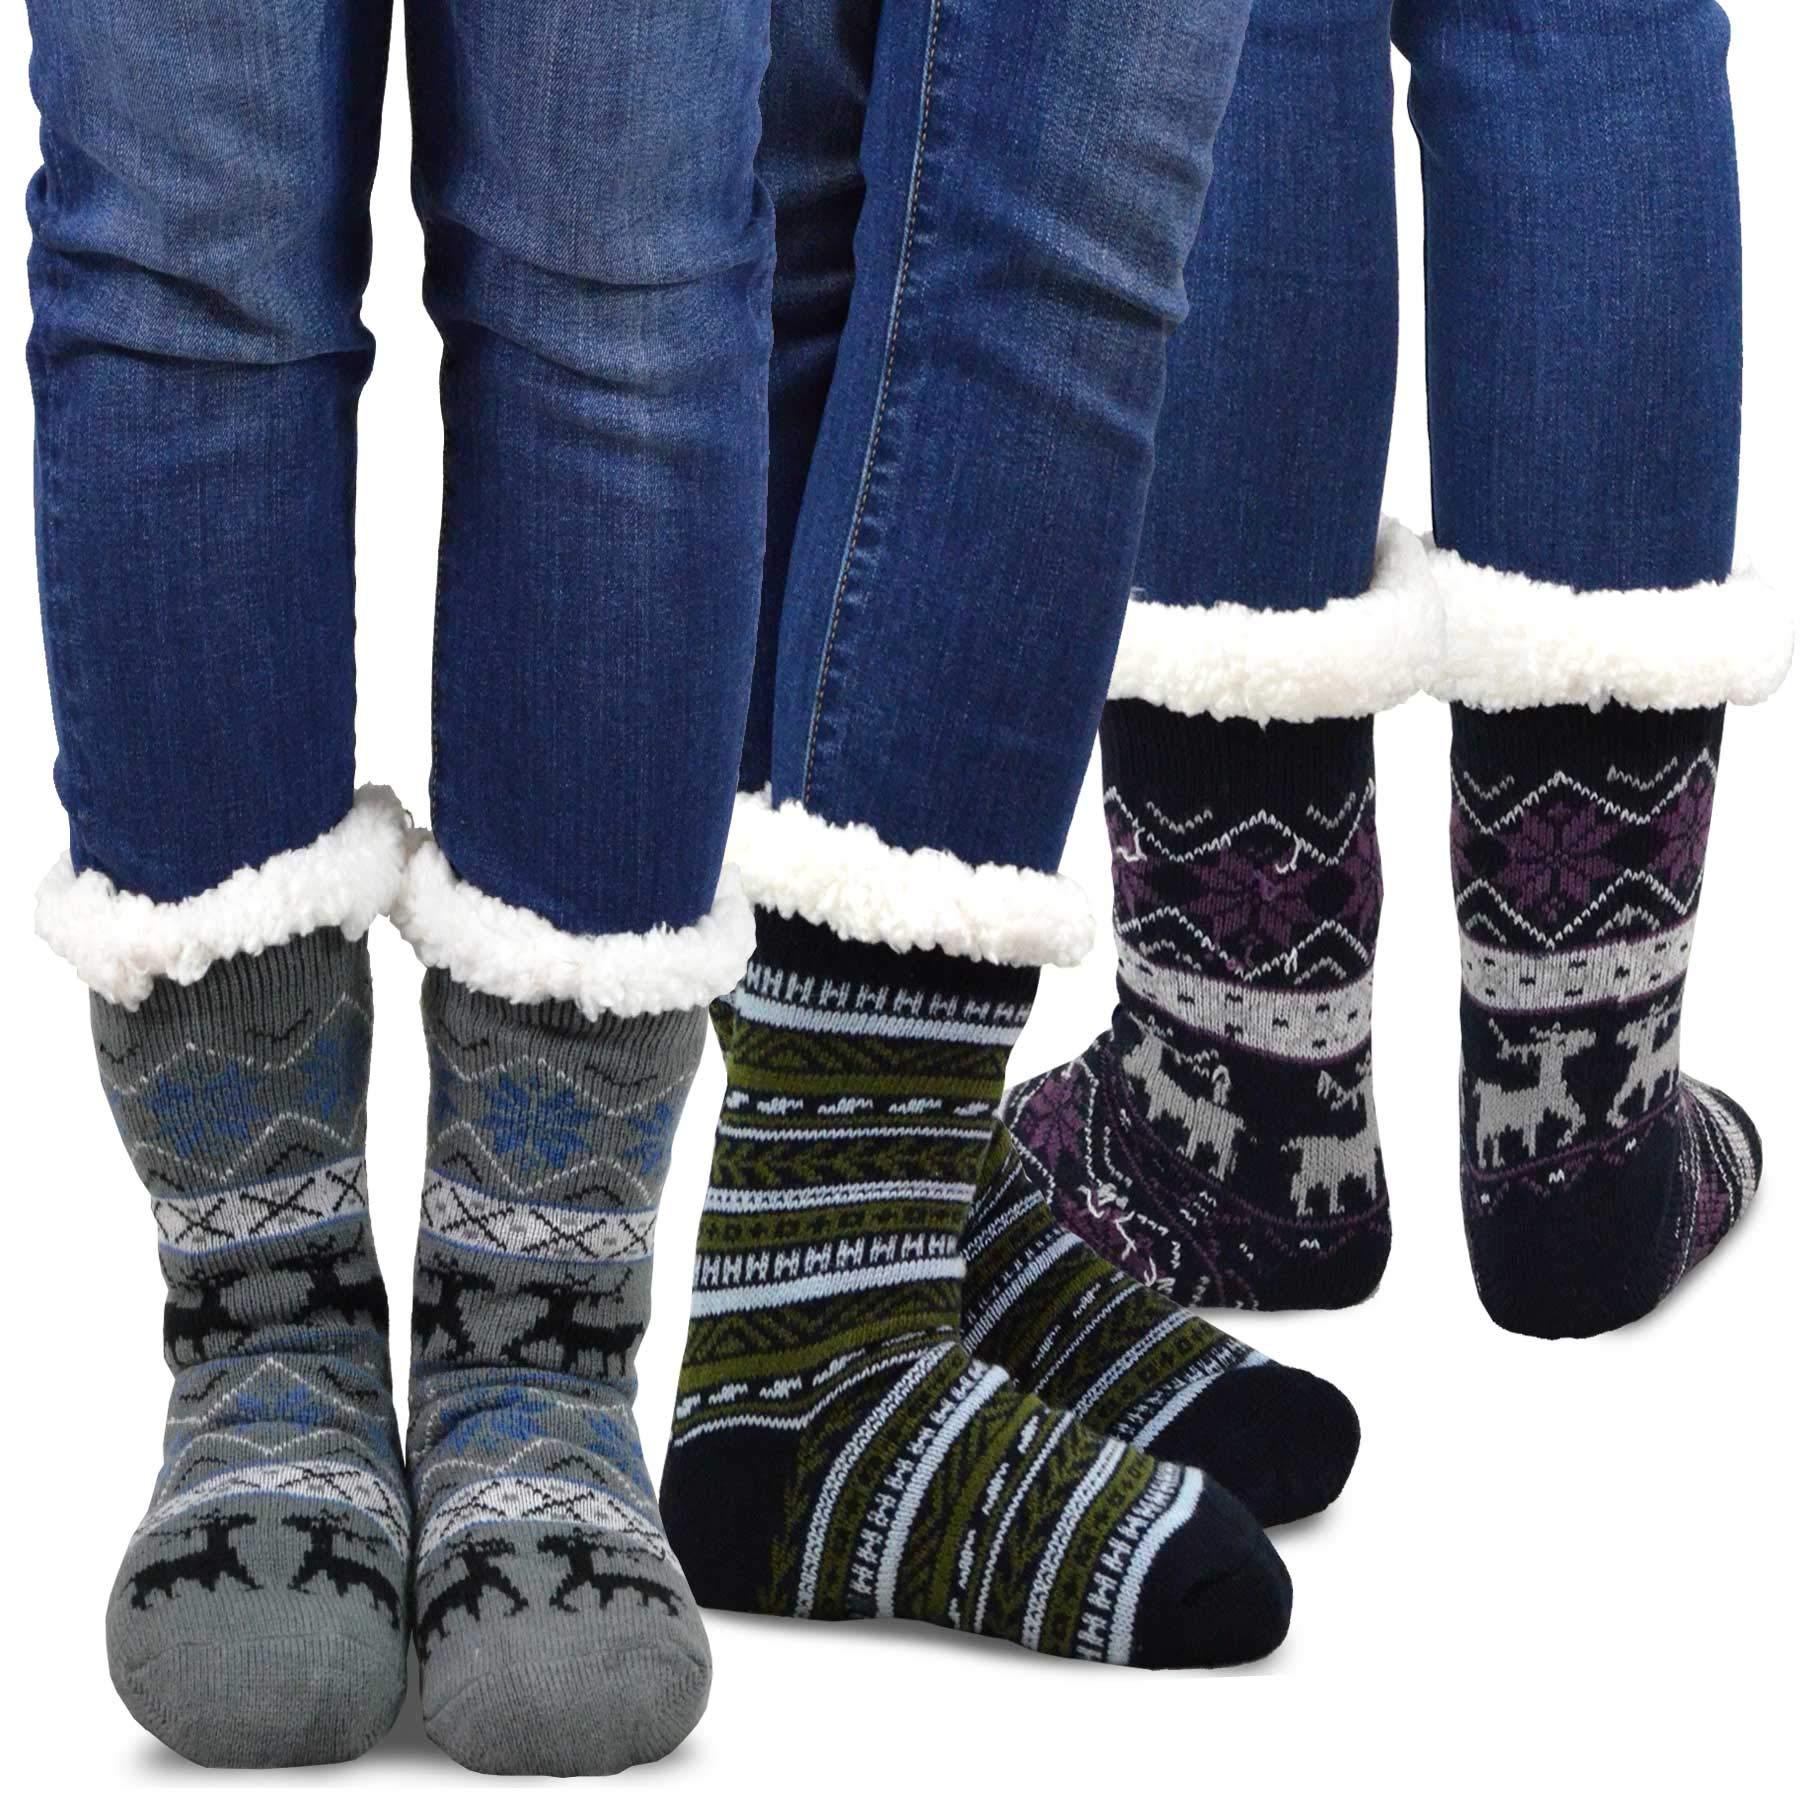 Teehee Womens Soft Premium Thermal Double Layer Crew Socks 3-Pack (9-11, Deer) by Teeheesocks